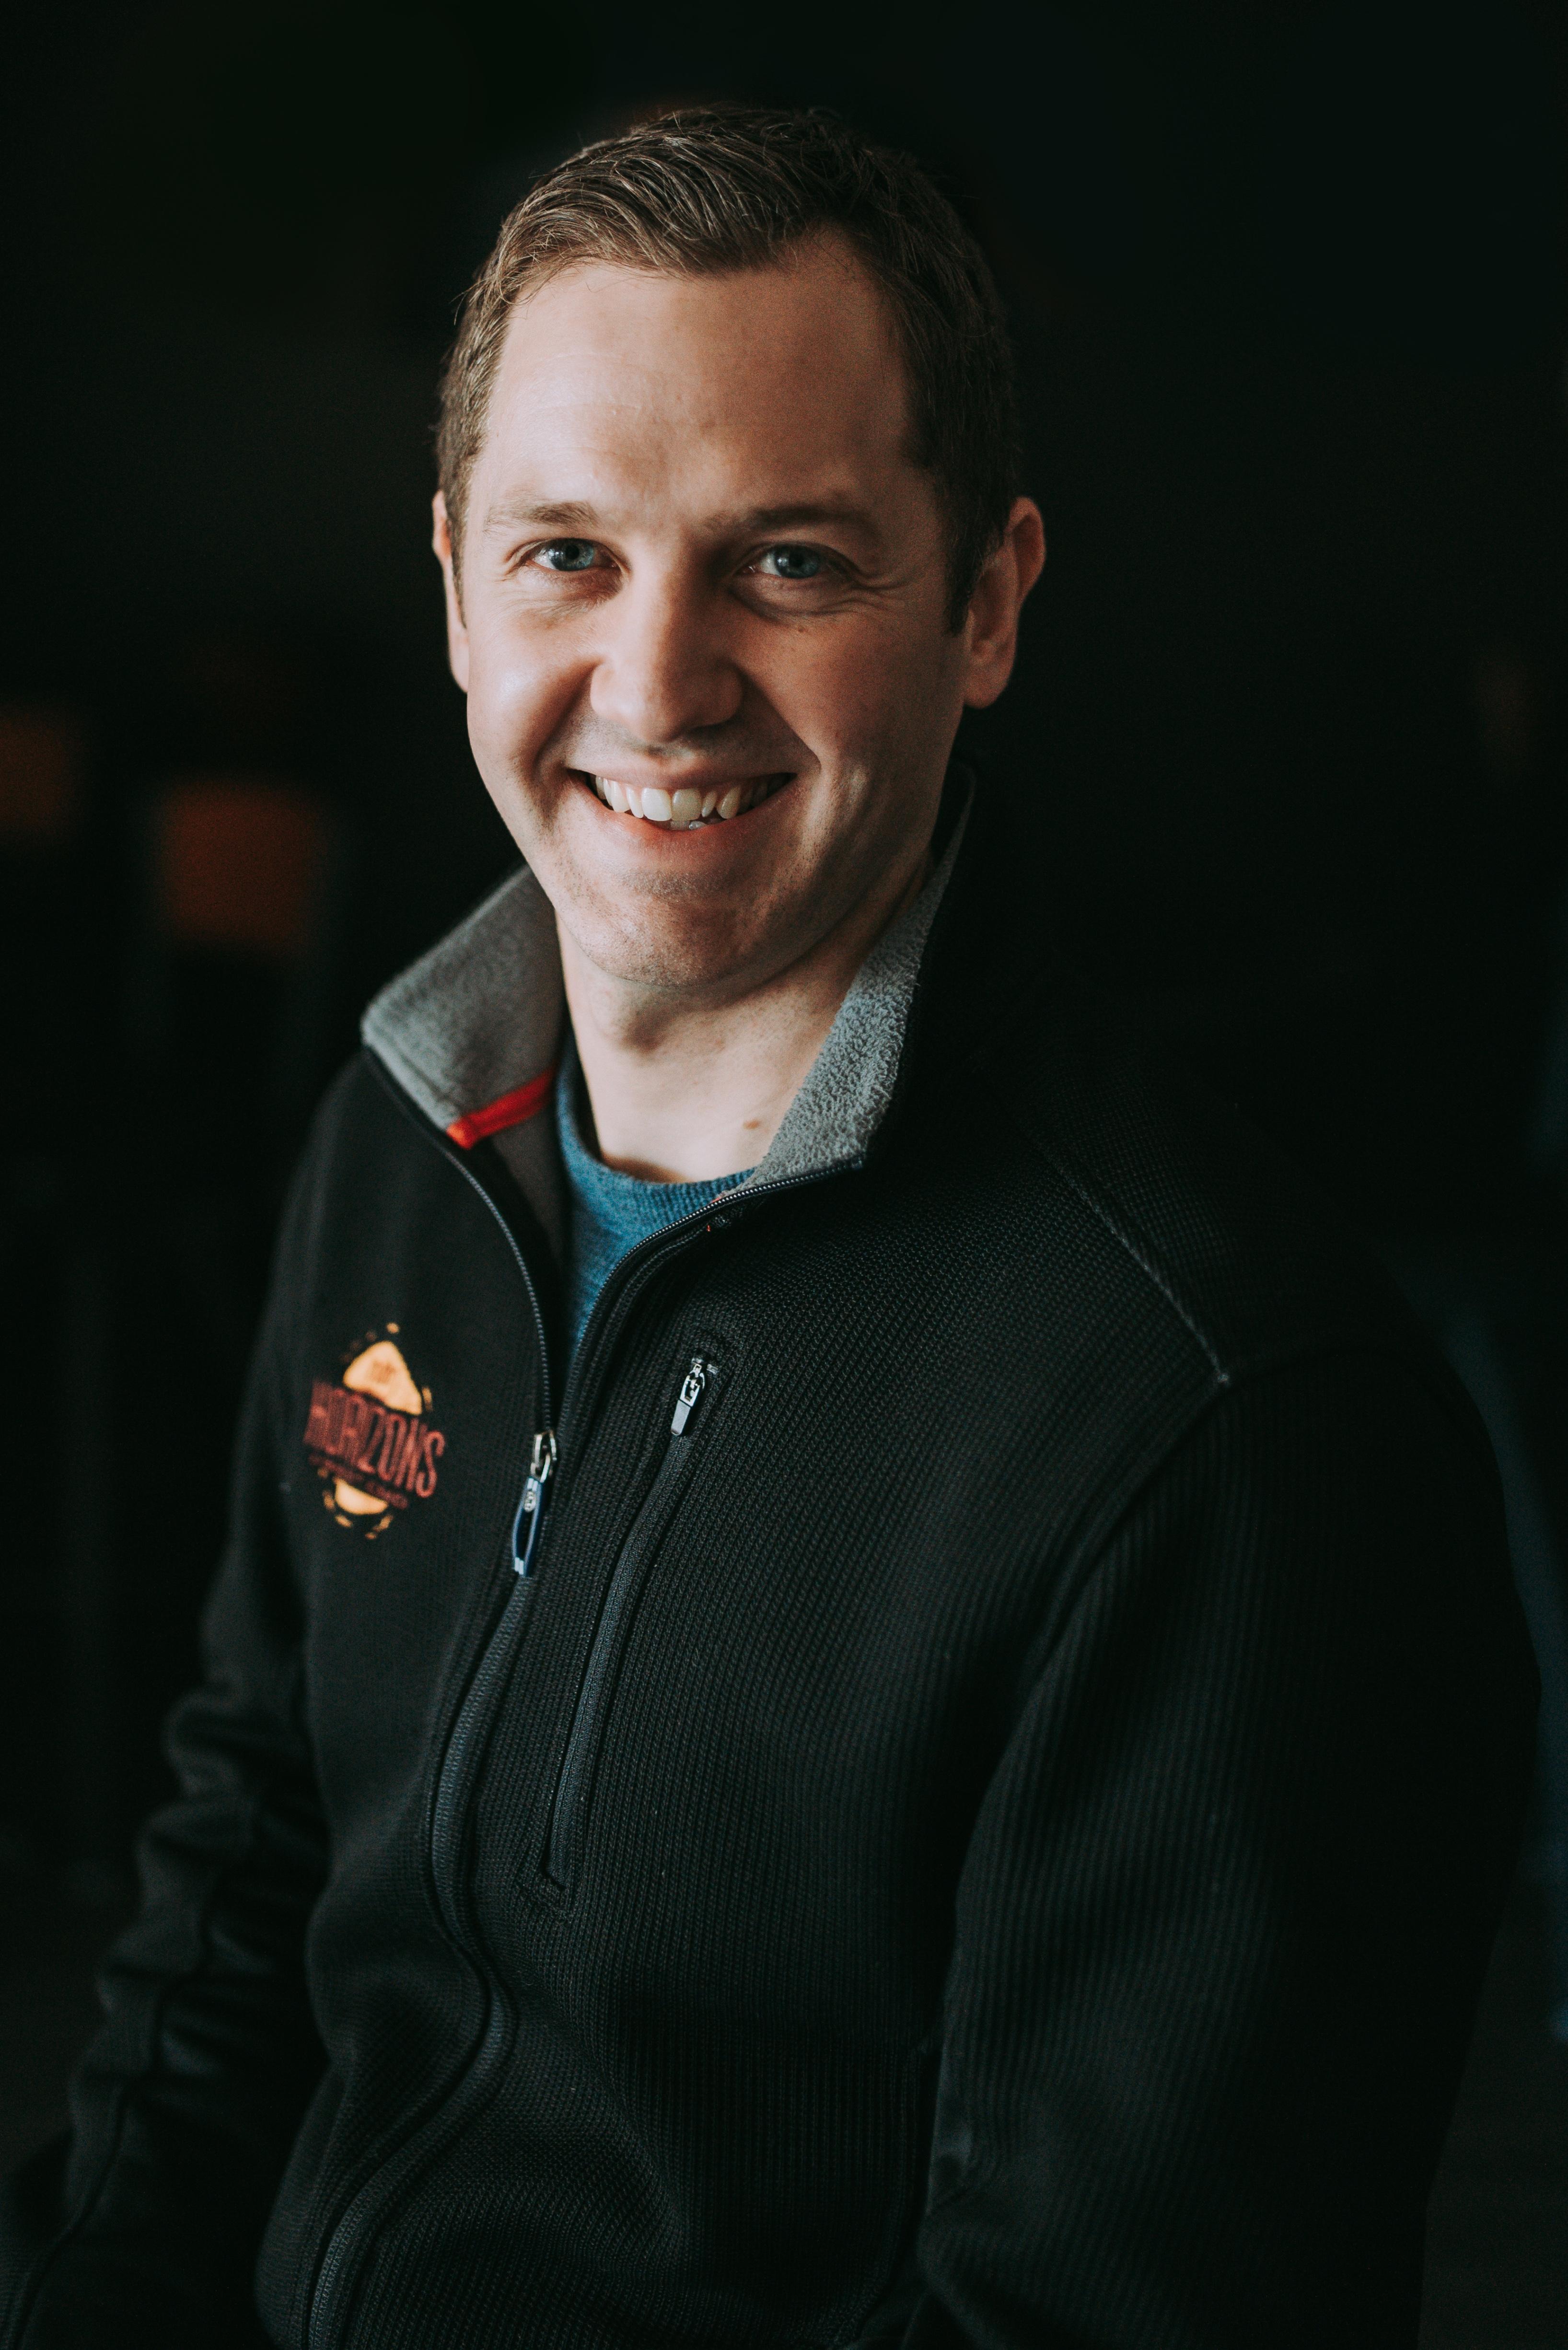 Matt Rhynehart